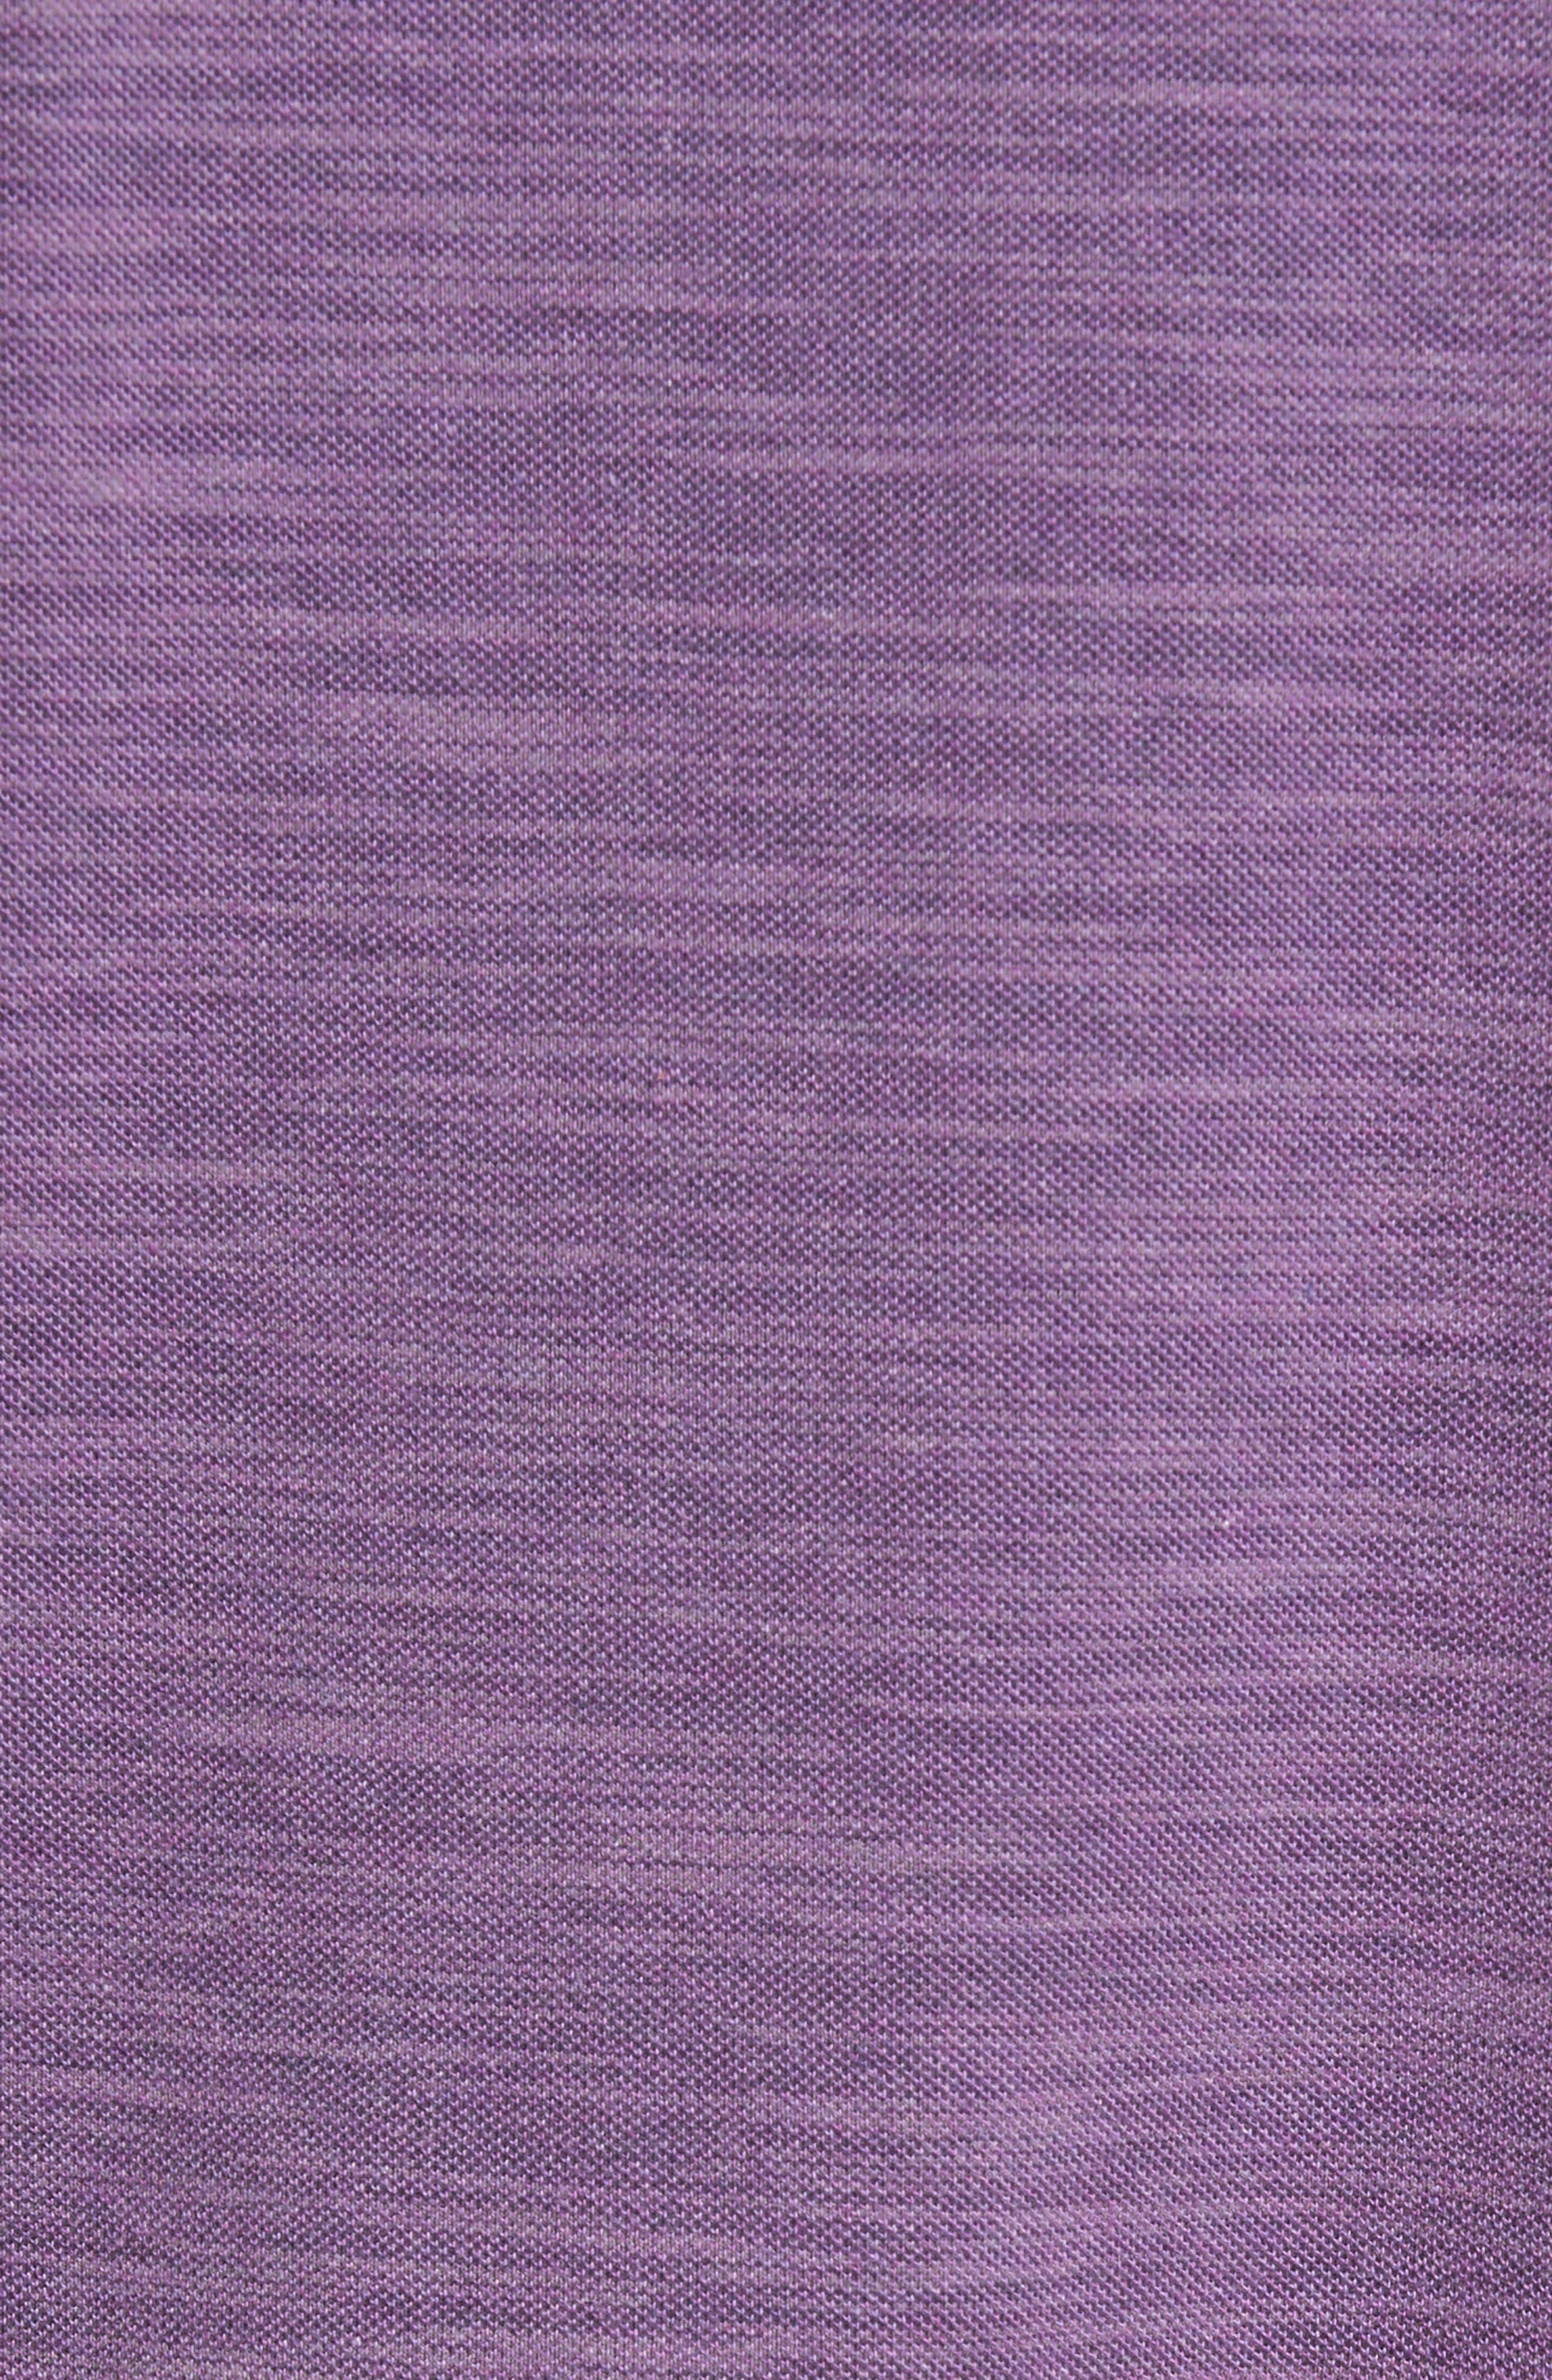 Paxton Space Dye Piqué T-Shirt,                             Alternate thumbnail 5, color,                             Purple